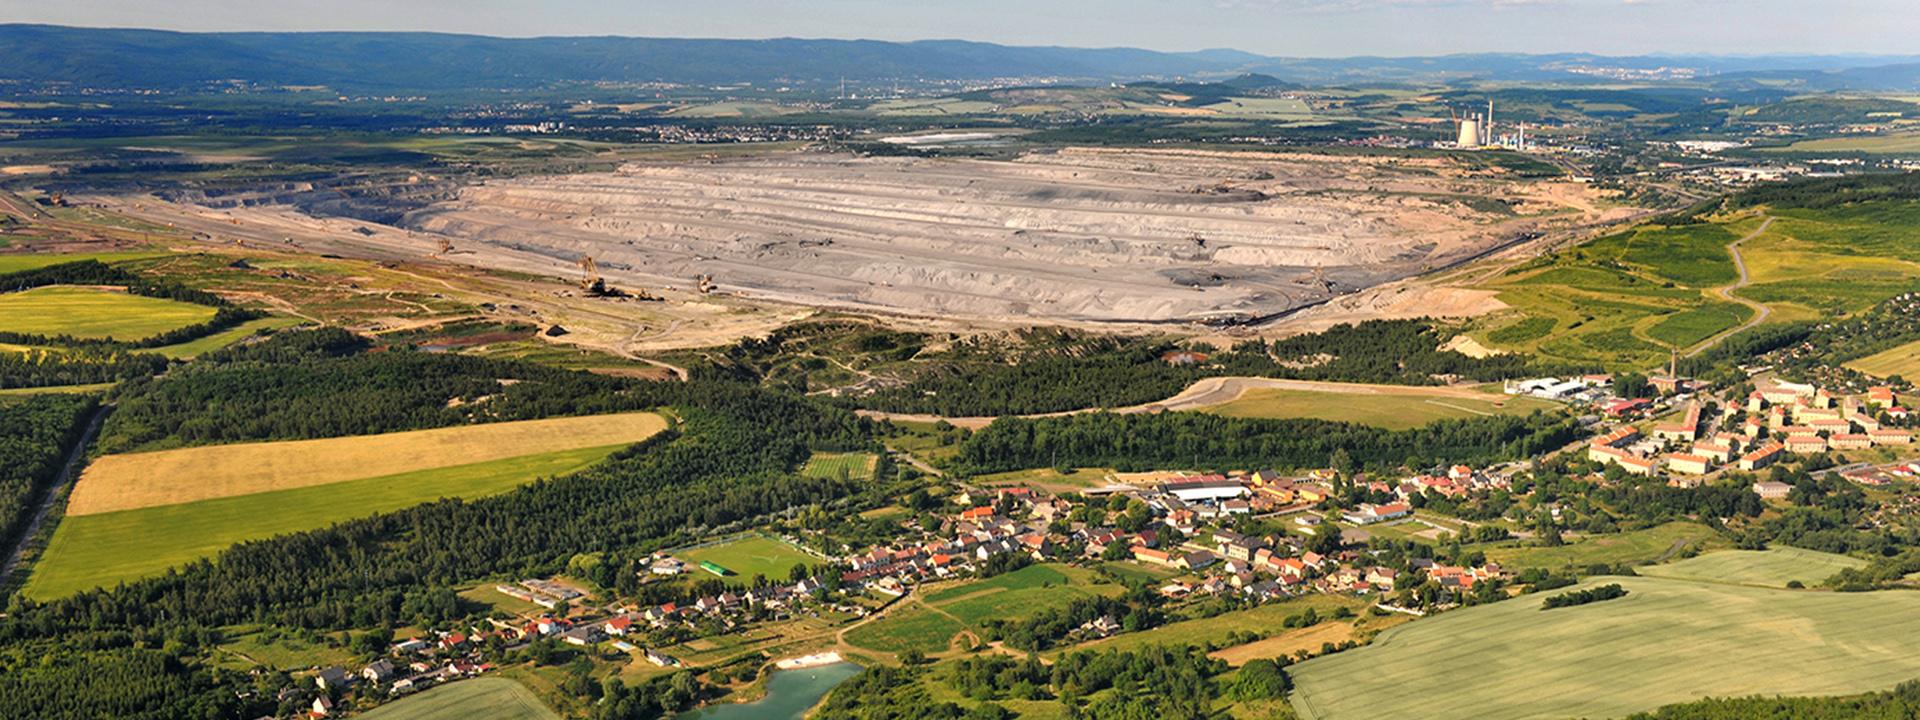 Konuray Demir - Sustainable Minerals Institute